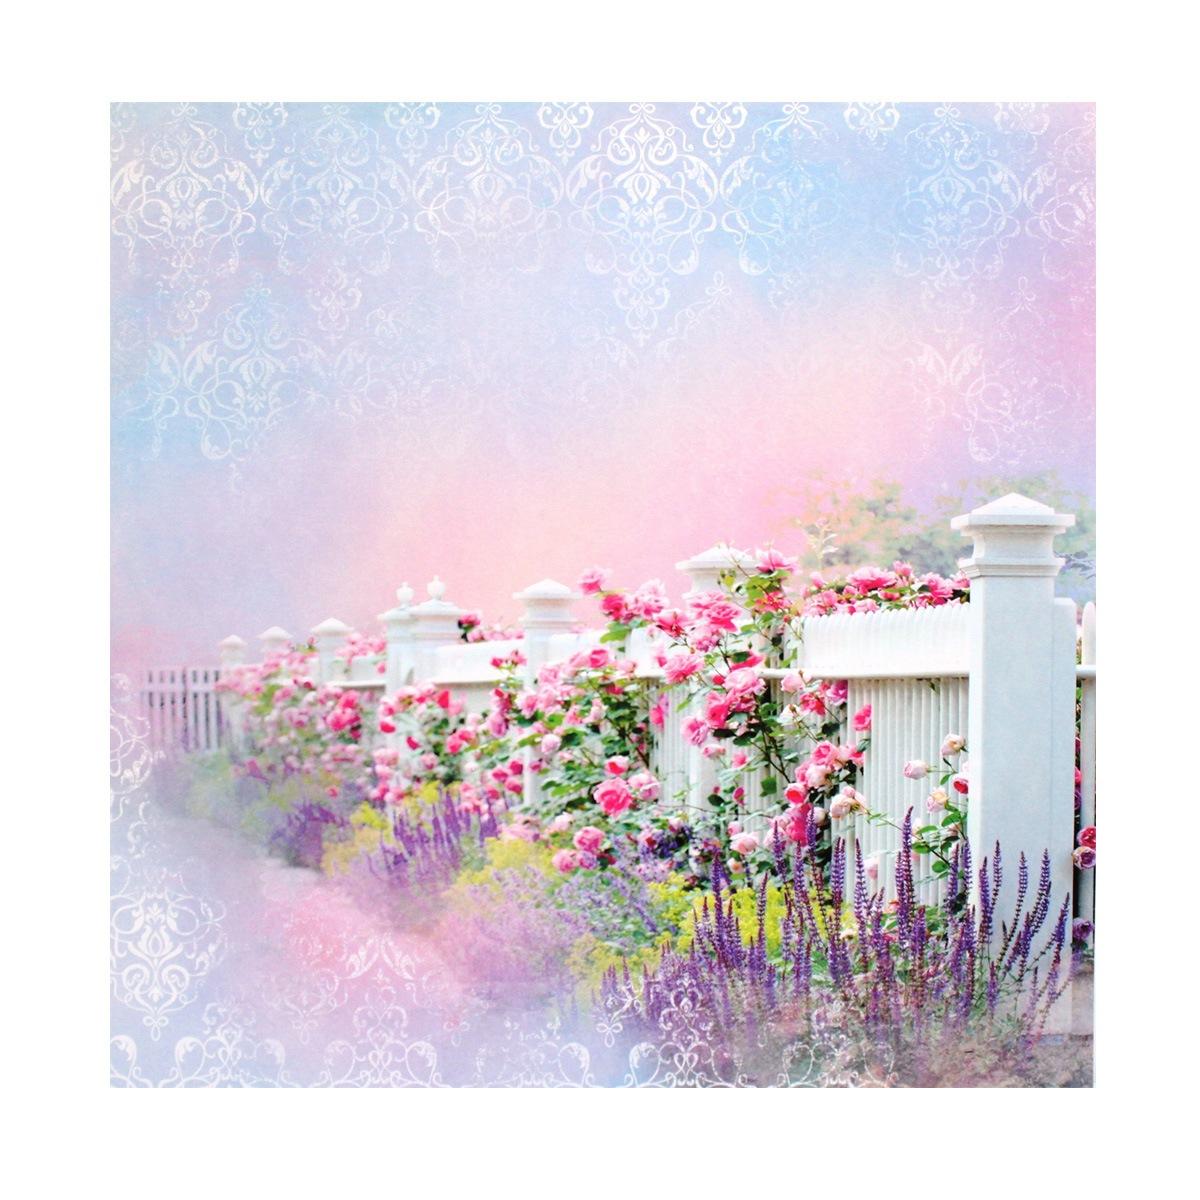 Бумага для скрапбукинга ScrapBerrys Цветущий сад, 30,5 х 30,5 см, 10 листов. 497516497516